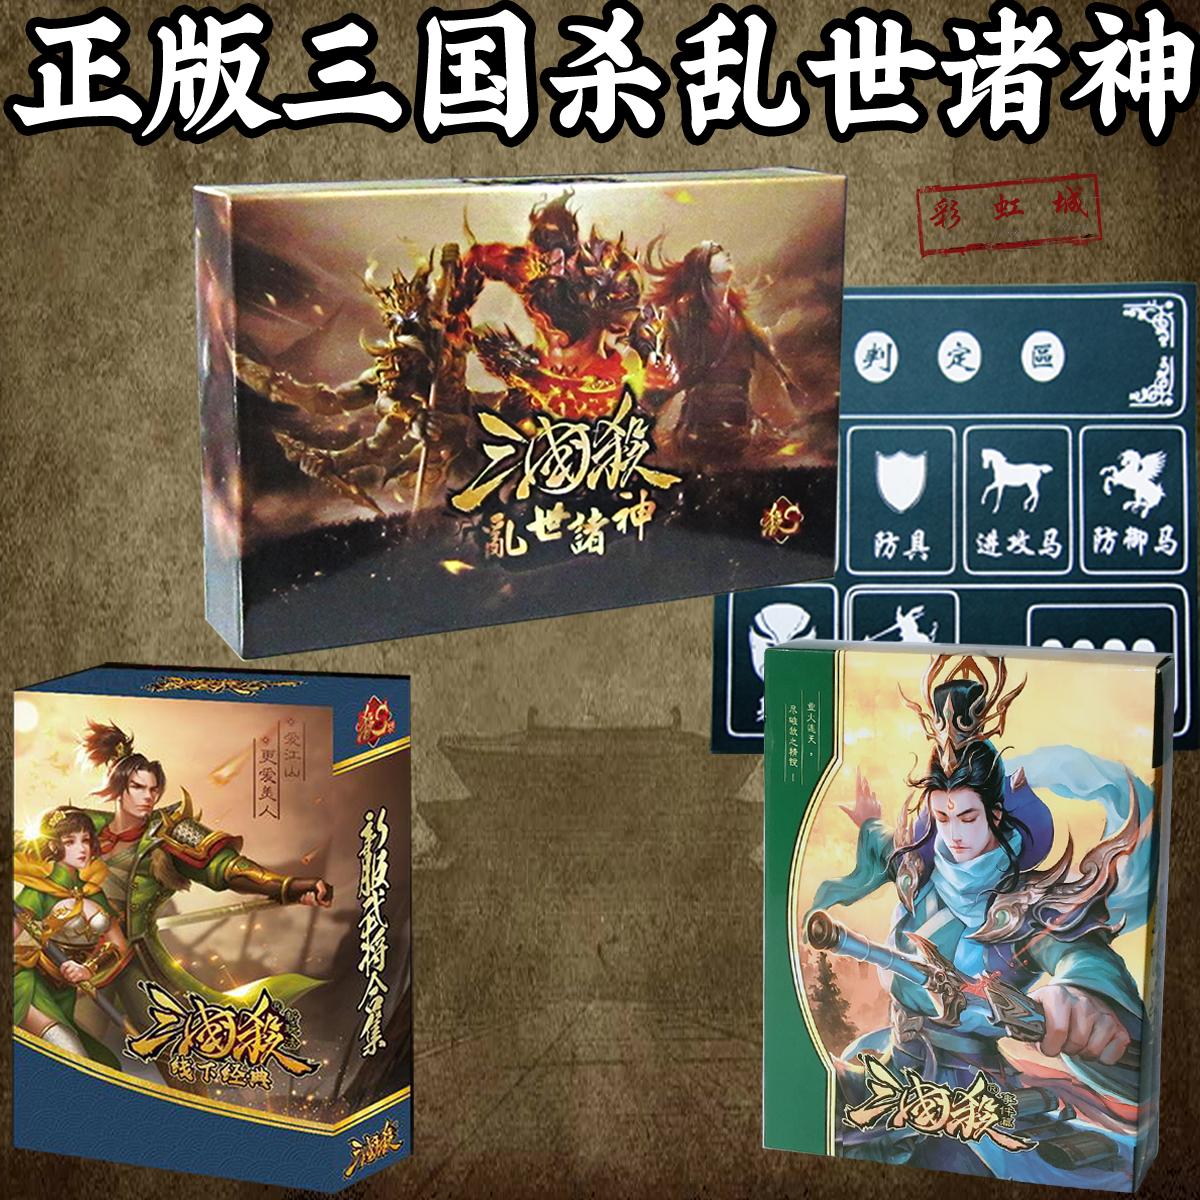 福彩三d黑圣手彩图 下载最新版本官方版说明